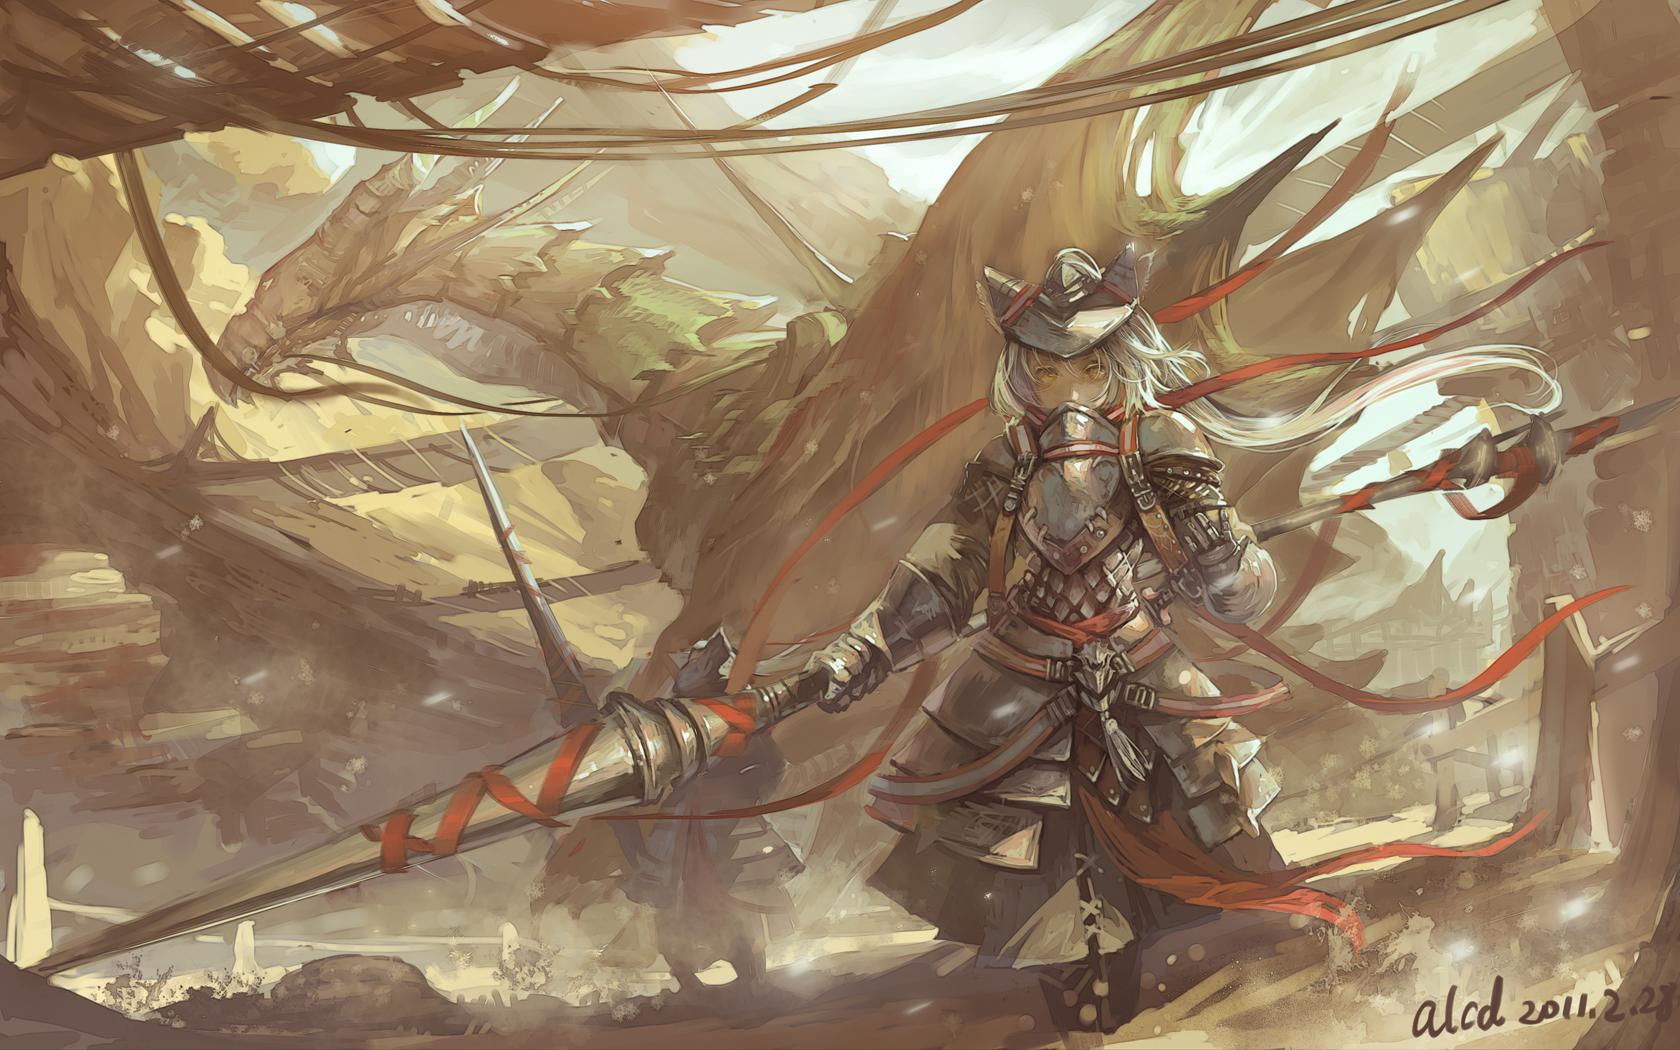 Armored Dragon Wallpaper Animal_ears Armor Dragon